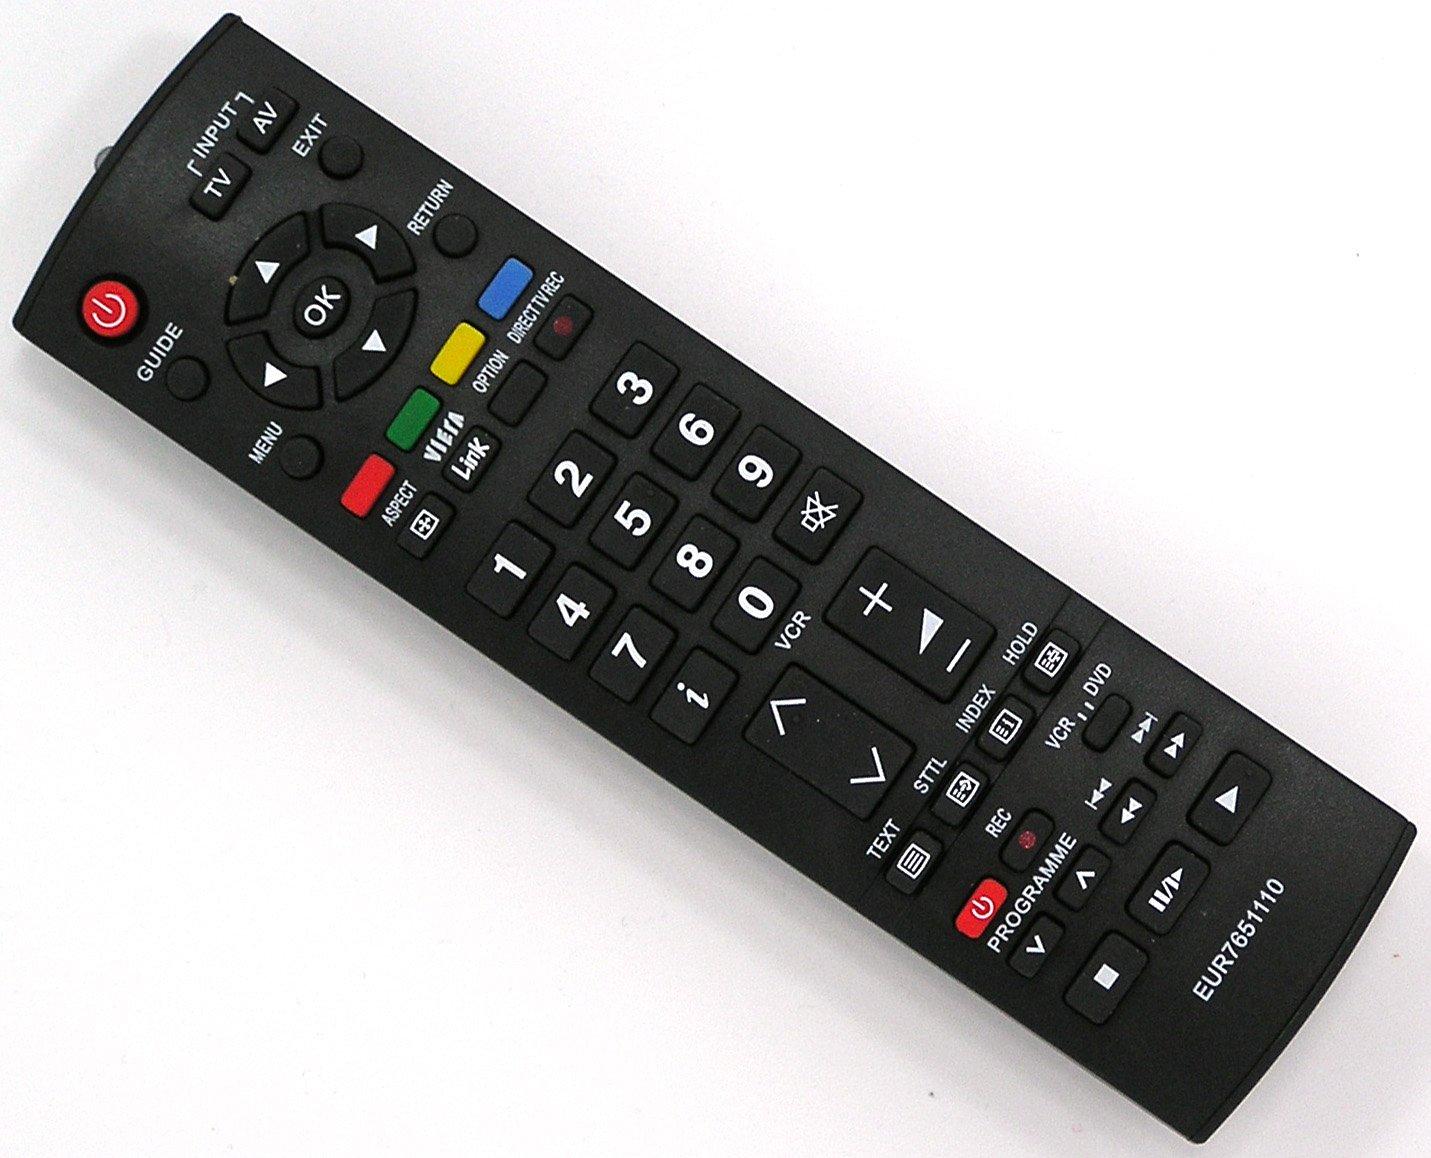 EUR7651110, EUR7651120 Mando a distancia de sustitución para Panasonic: Amazon.es: Electrónica